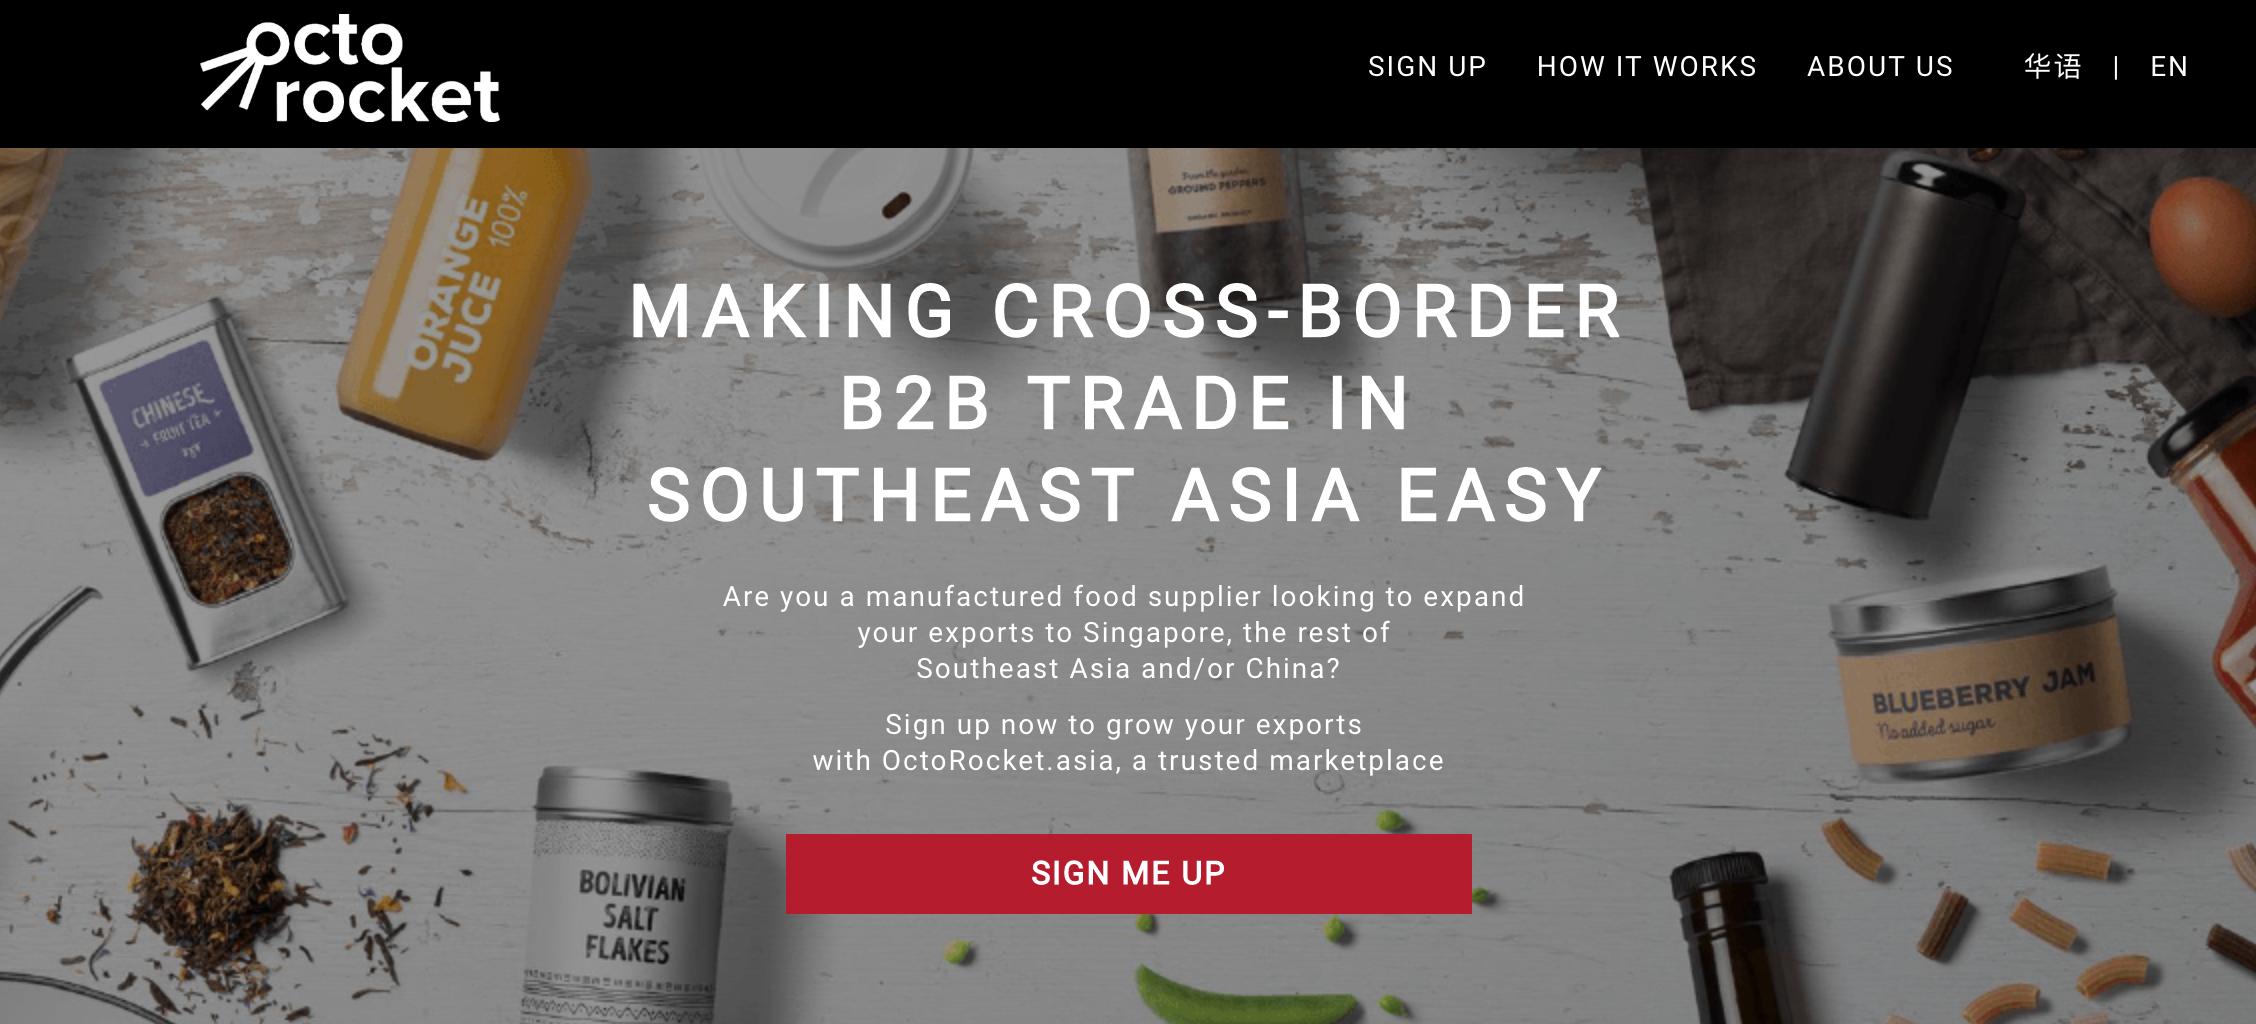 SPH octorocket.asia ()